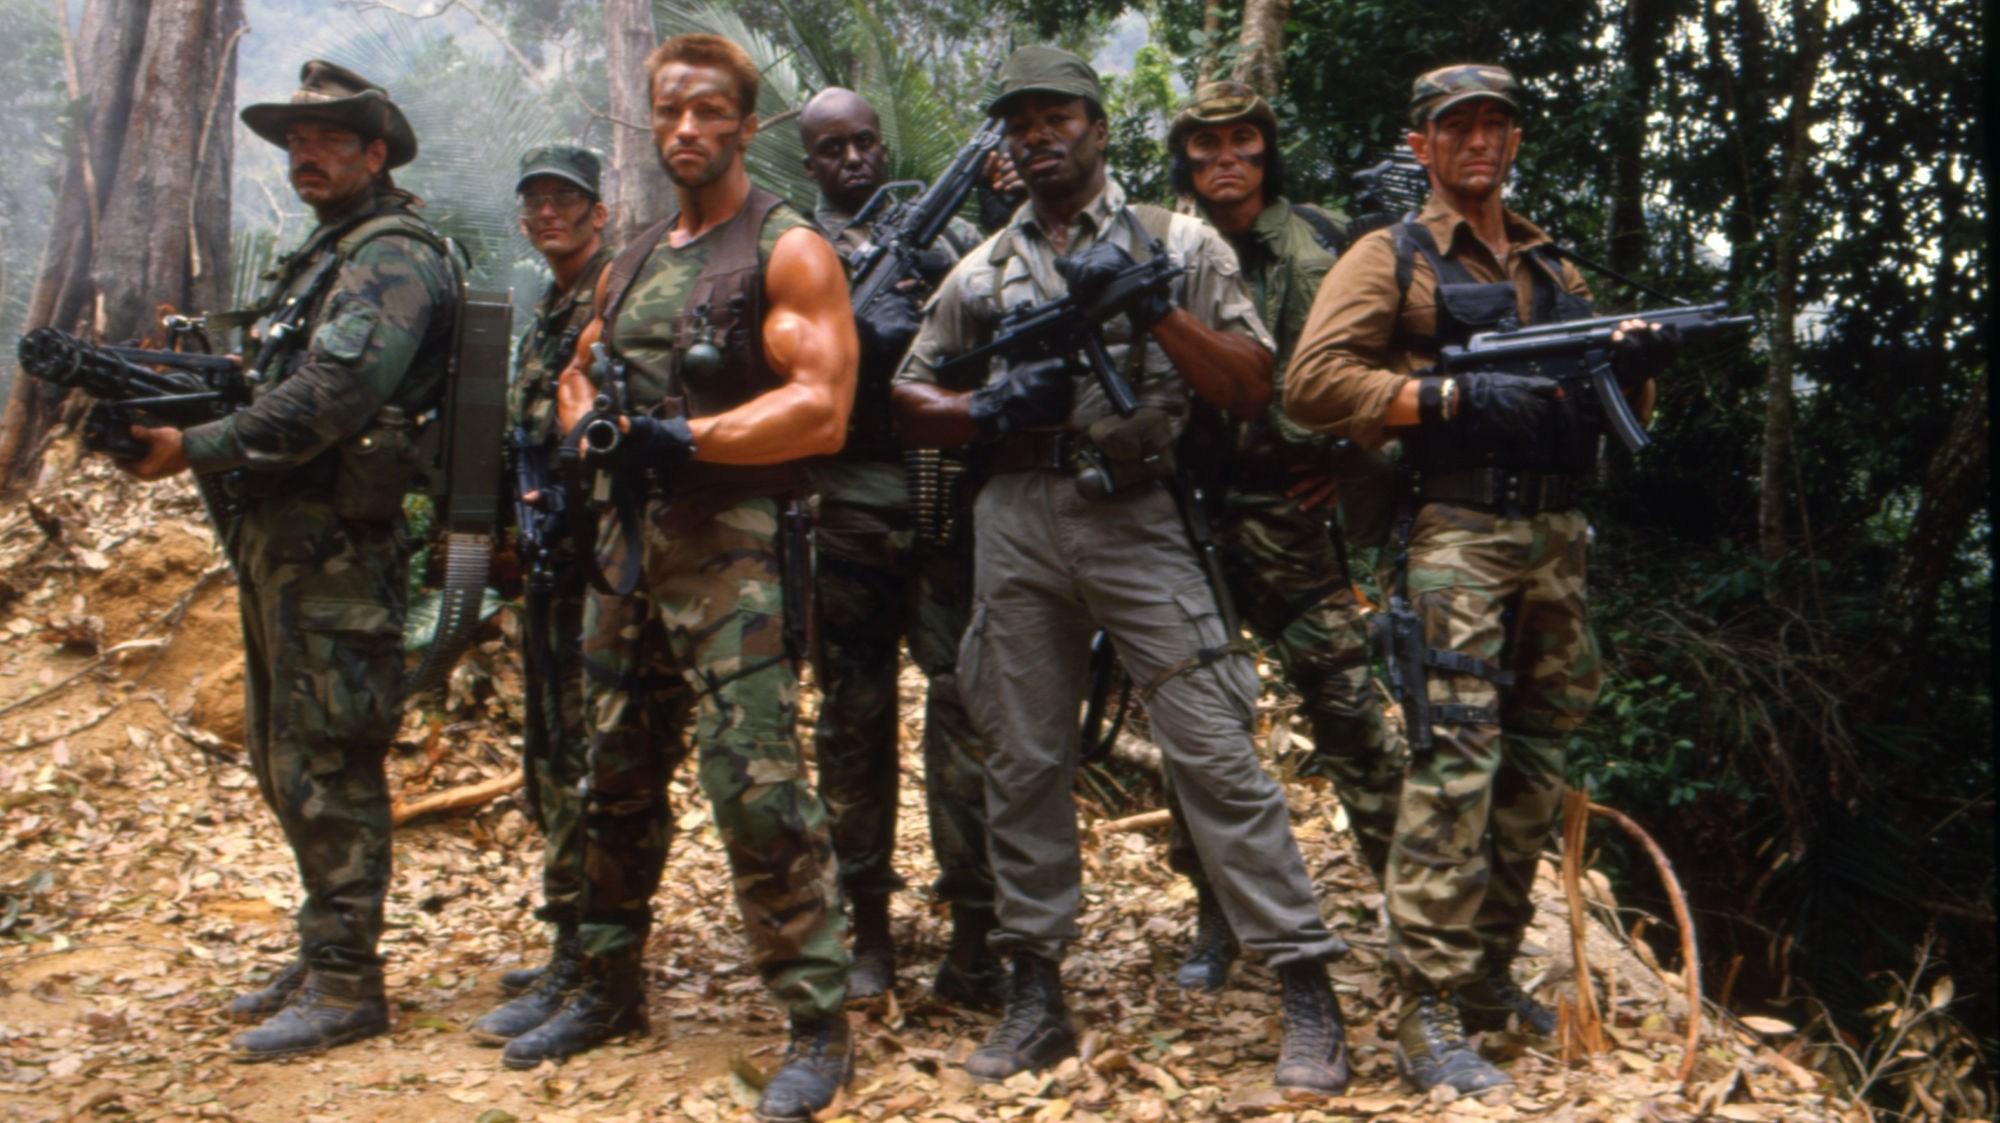 Original Predator cast